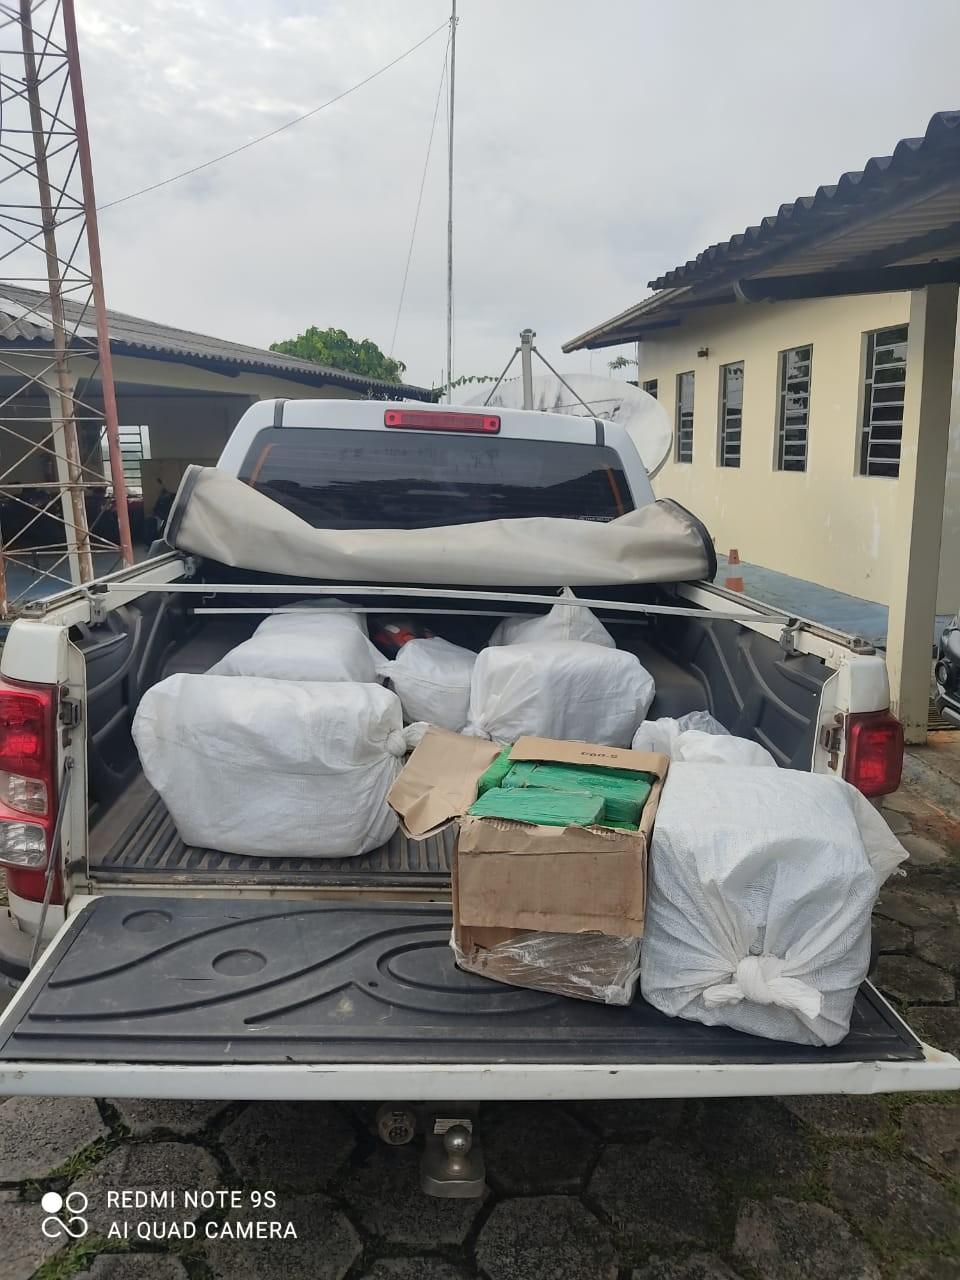 Três são presos com mais de 190 quilos de cocaína escondidos na carroceria de caminhonete em estrada no AC